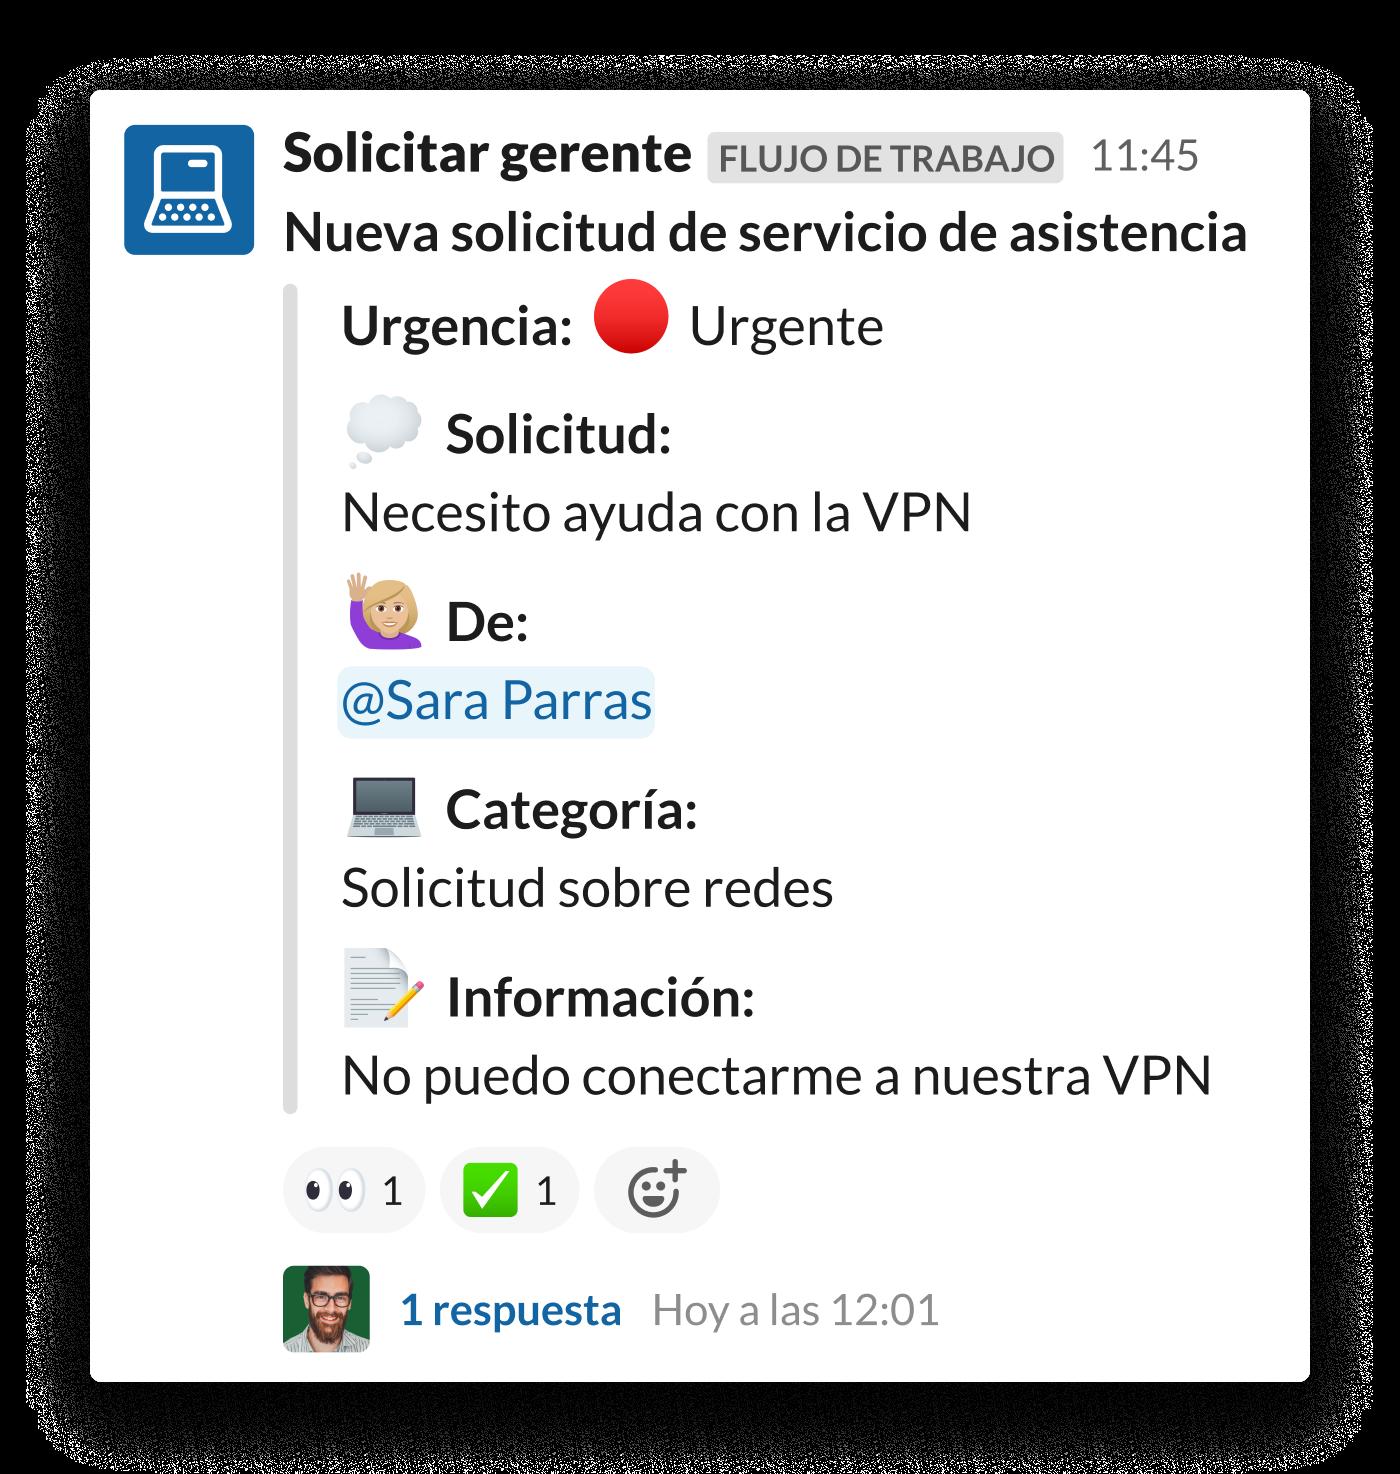 Una solicitud de acceso a la VPN efectuada en un canal #ayuda-TI de Slack.